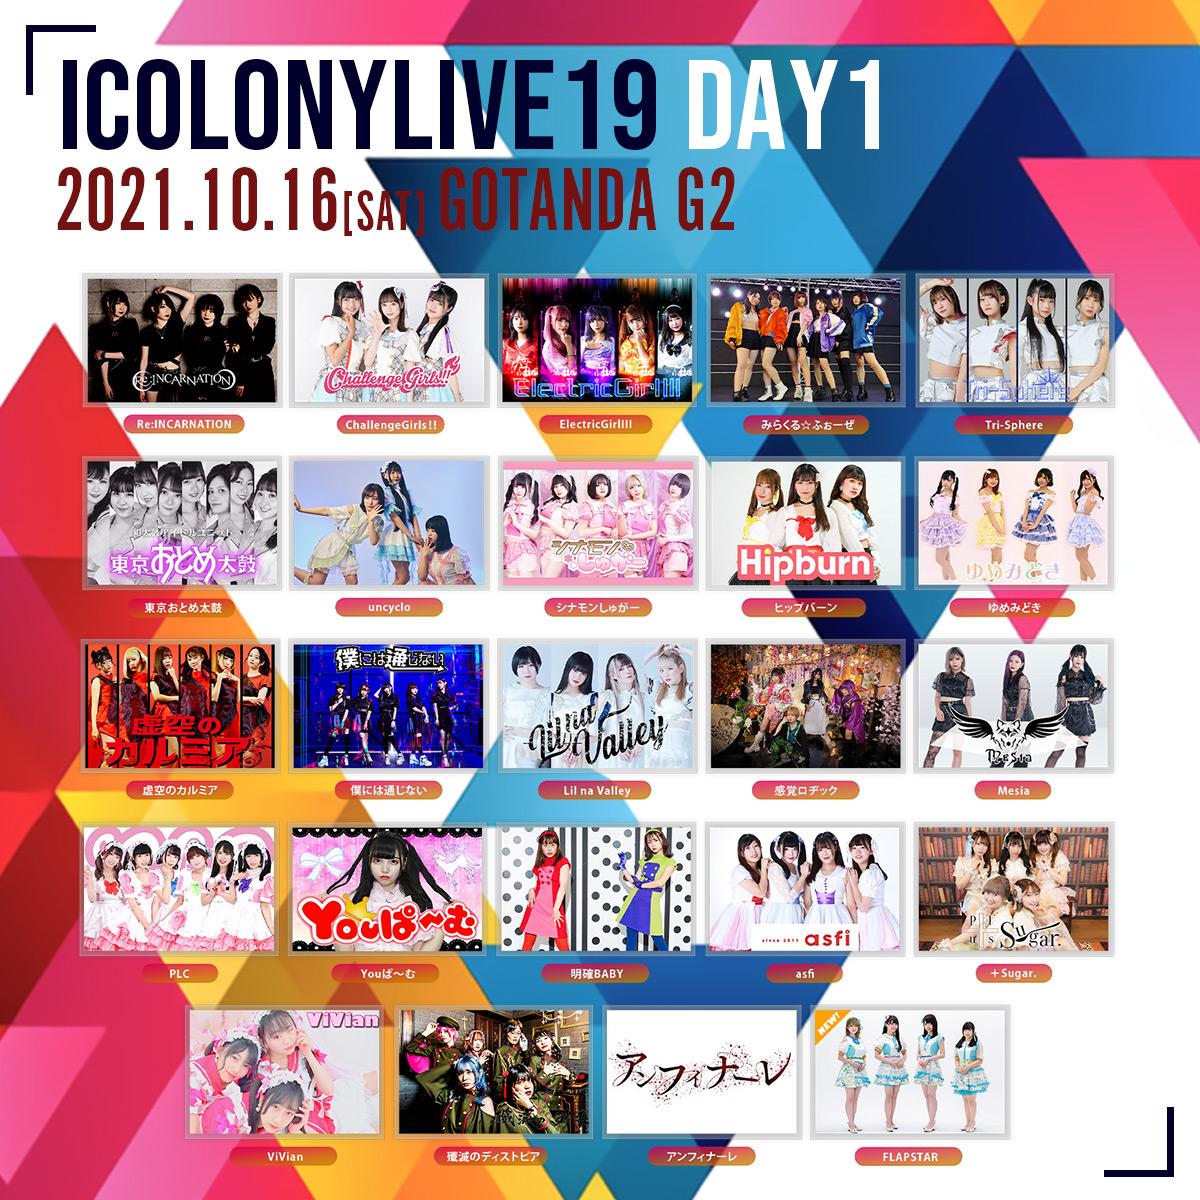 iColony LIVE 19 // DAY1